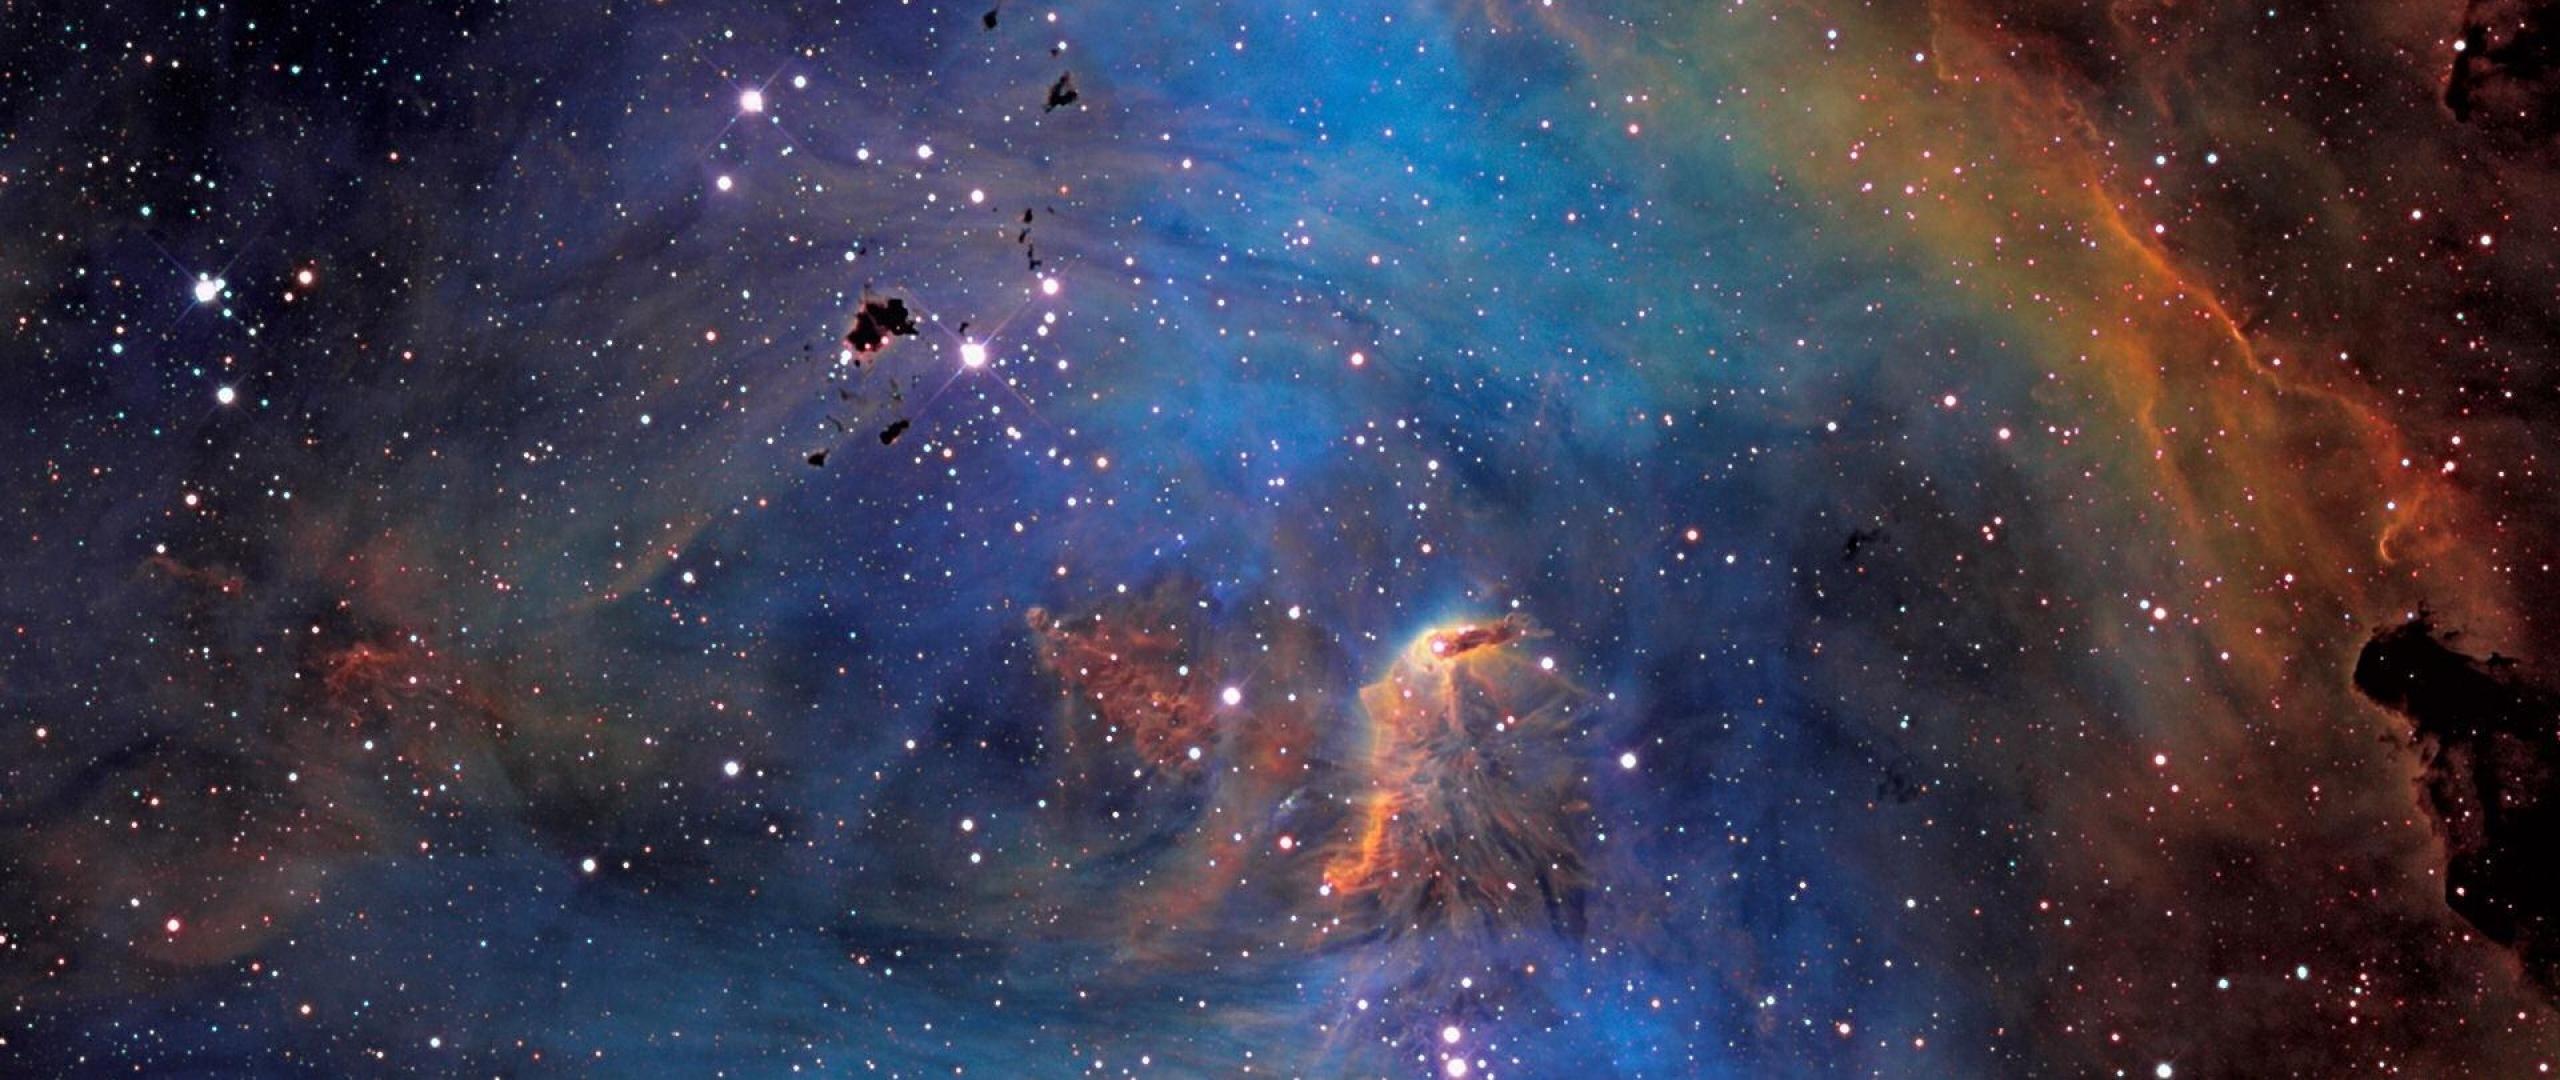 ultra widescreen wallpaper star fox - photo #36